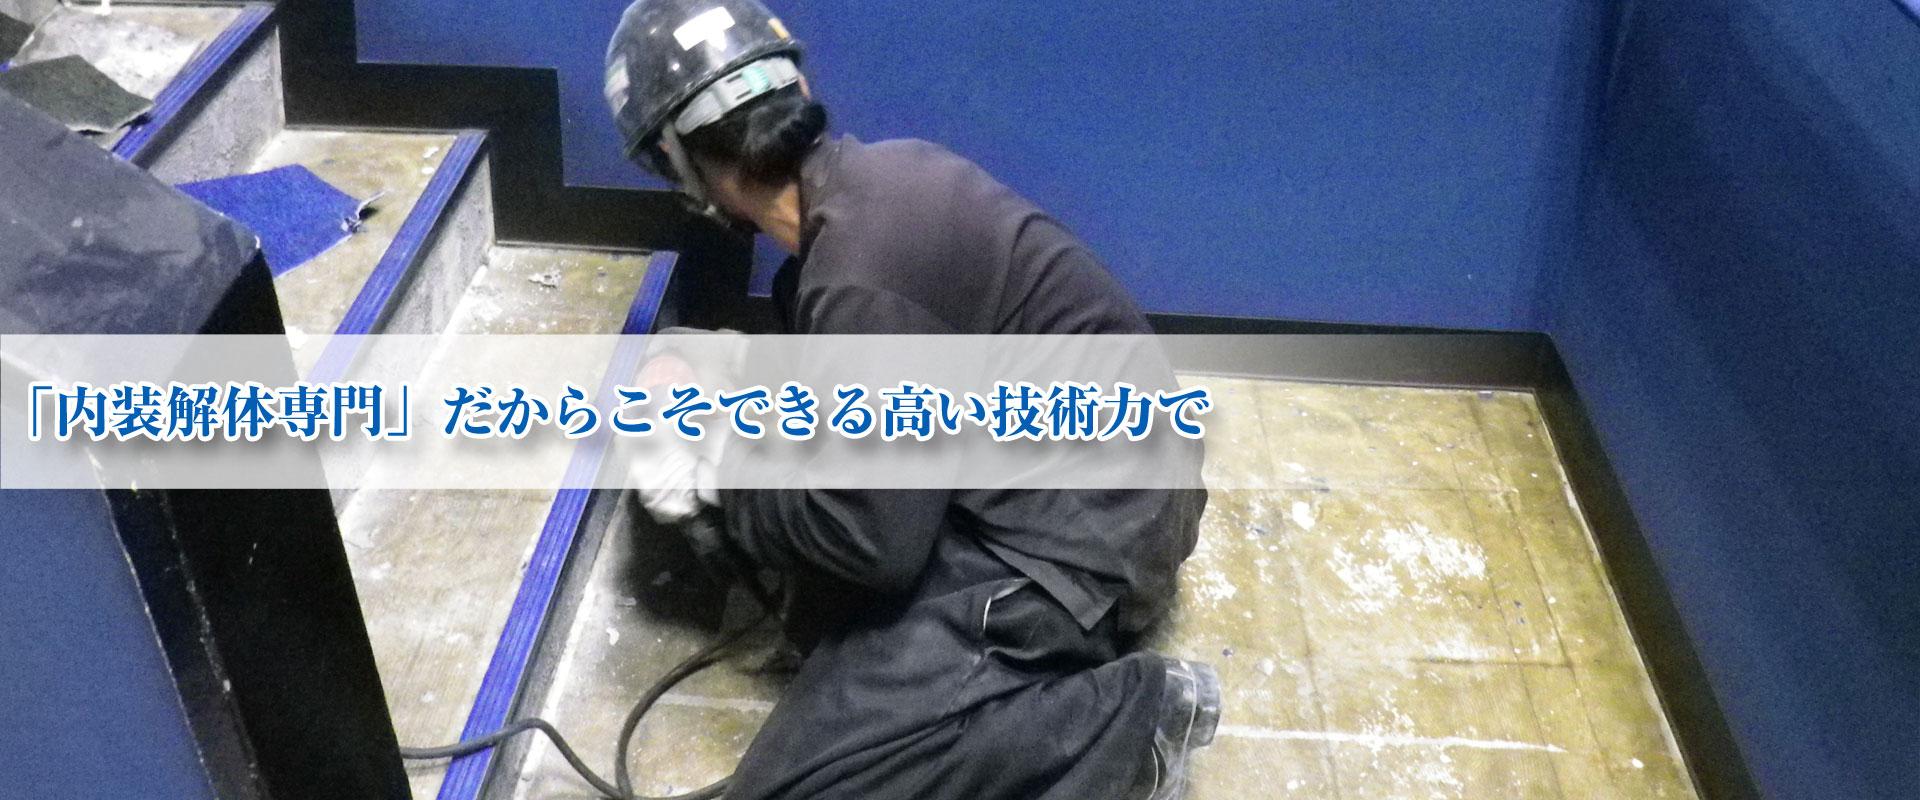 「内装解体専門」だからこそできる高い技術力で